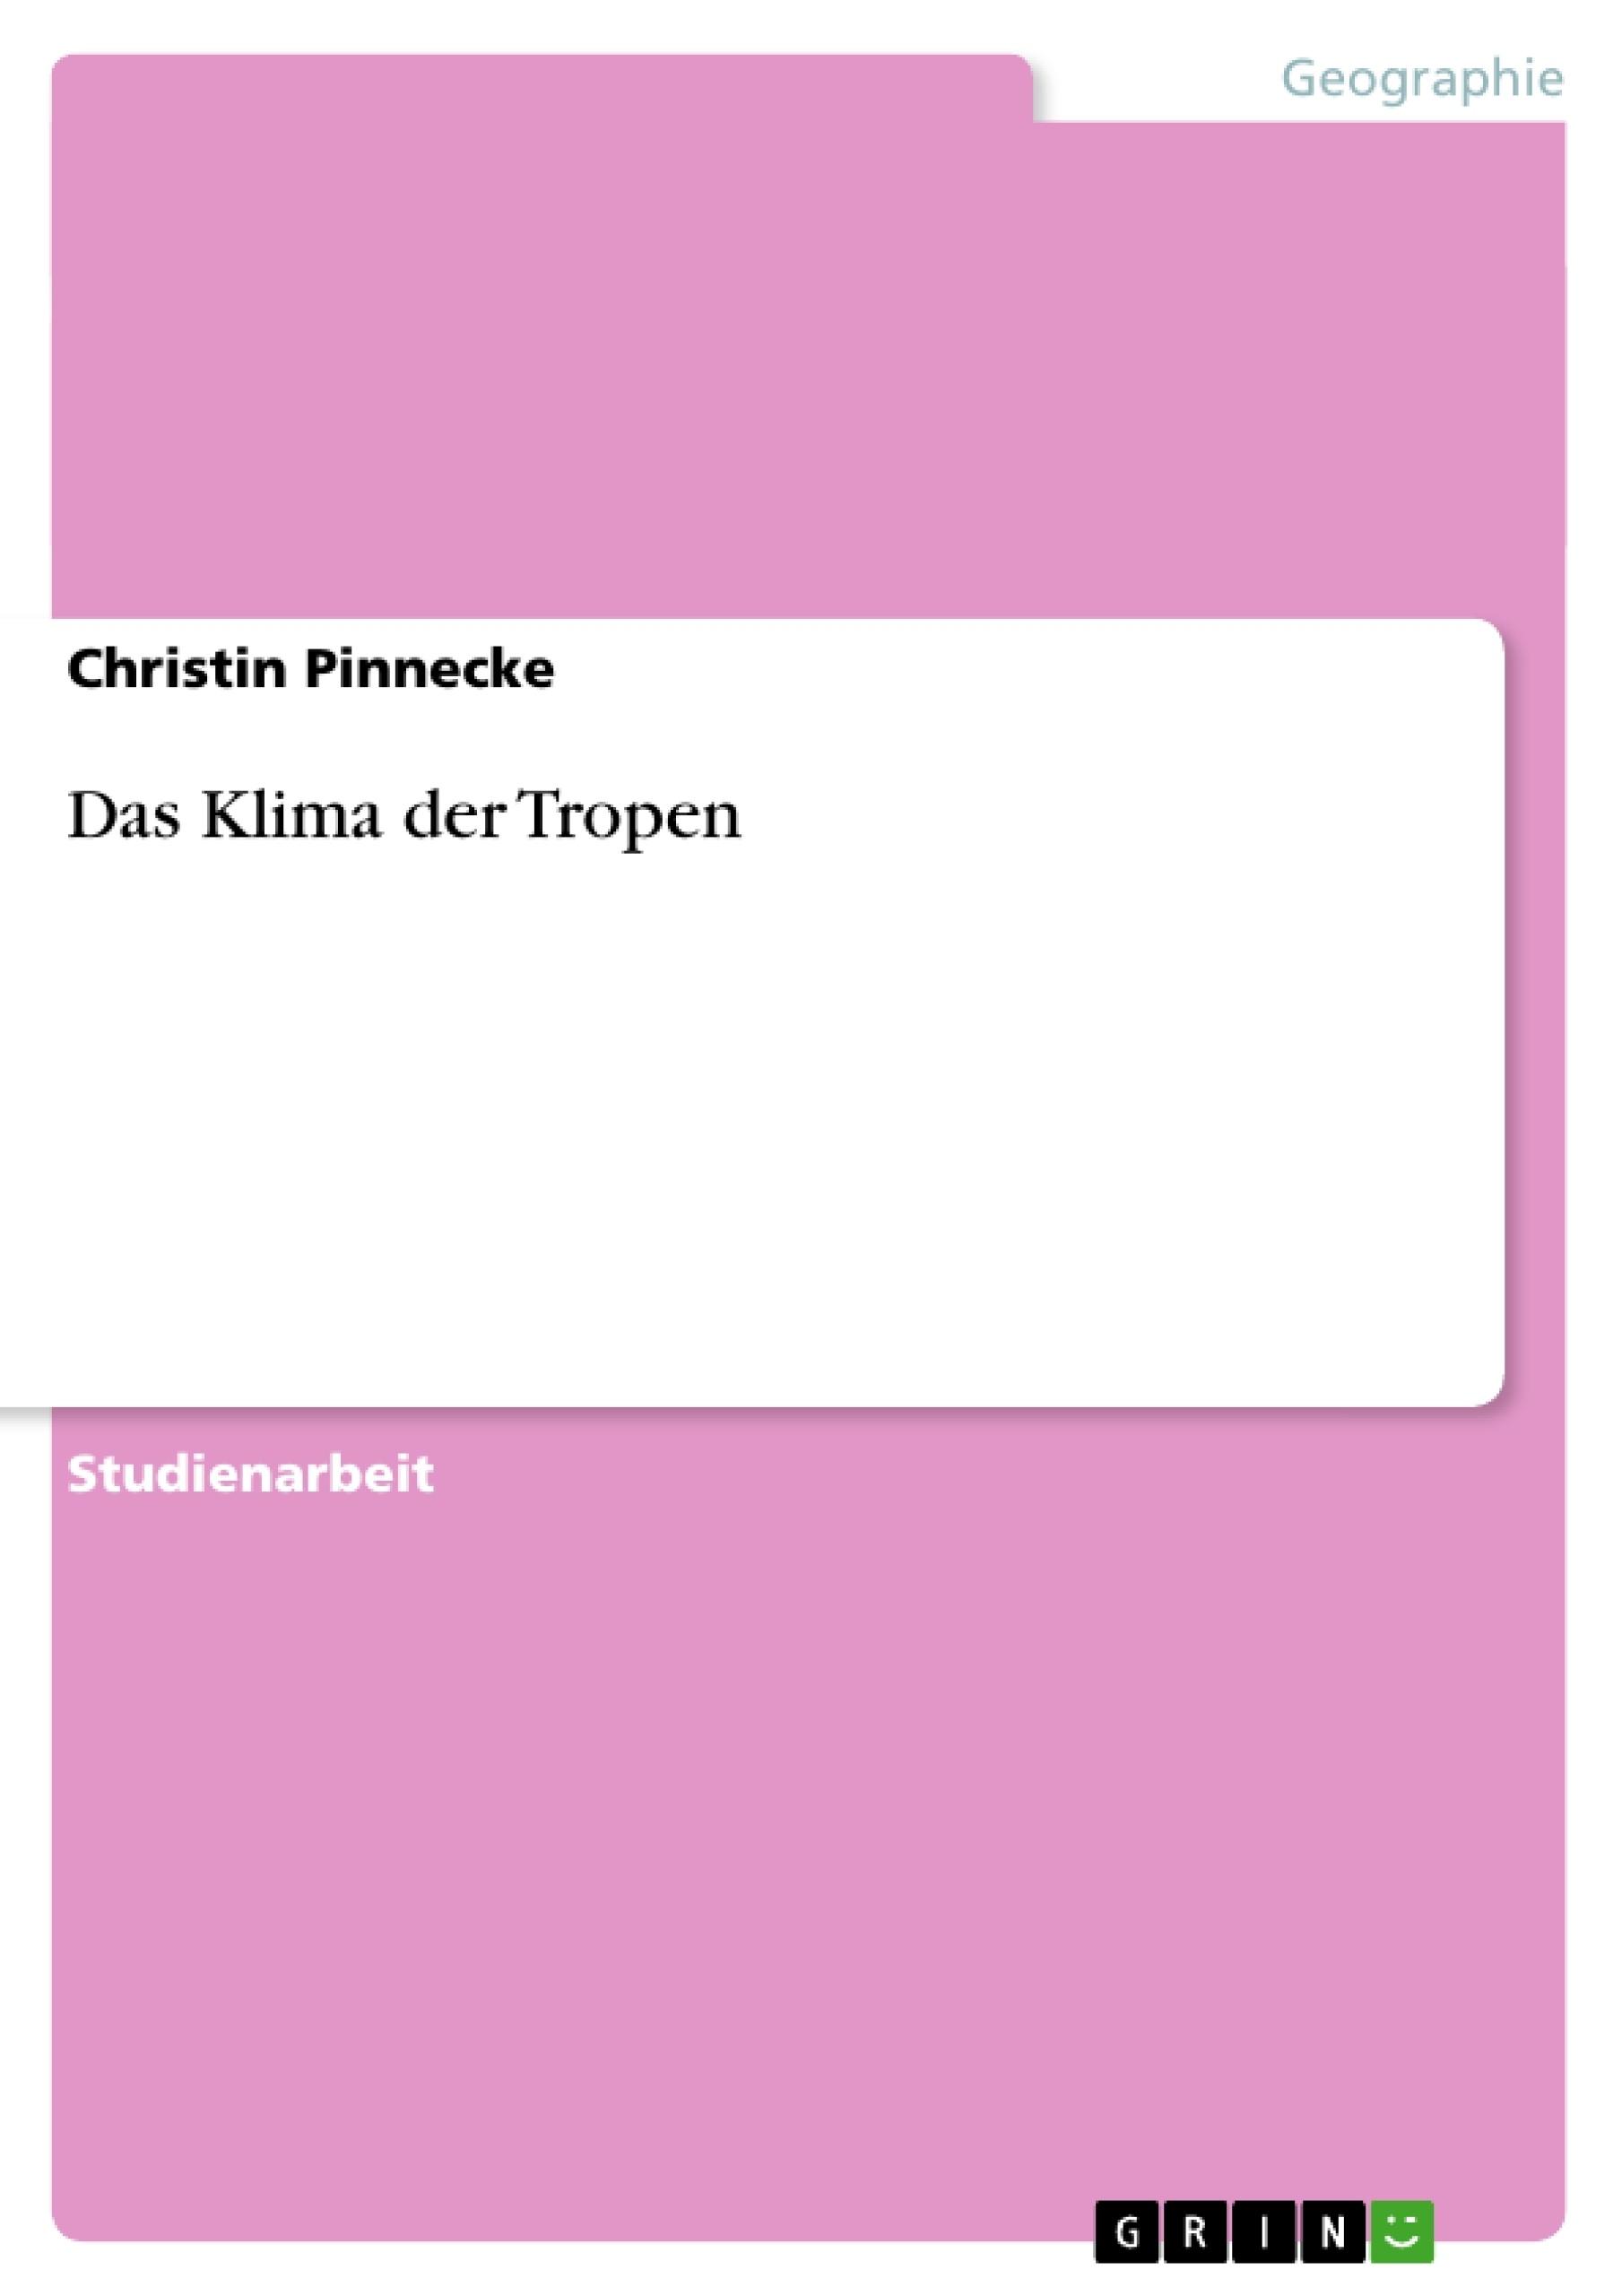 Titel: Das Klima der Tropen